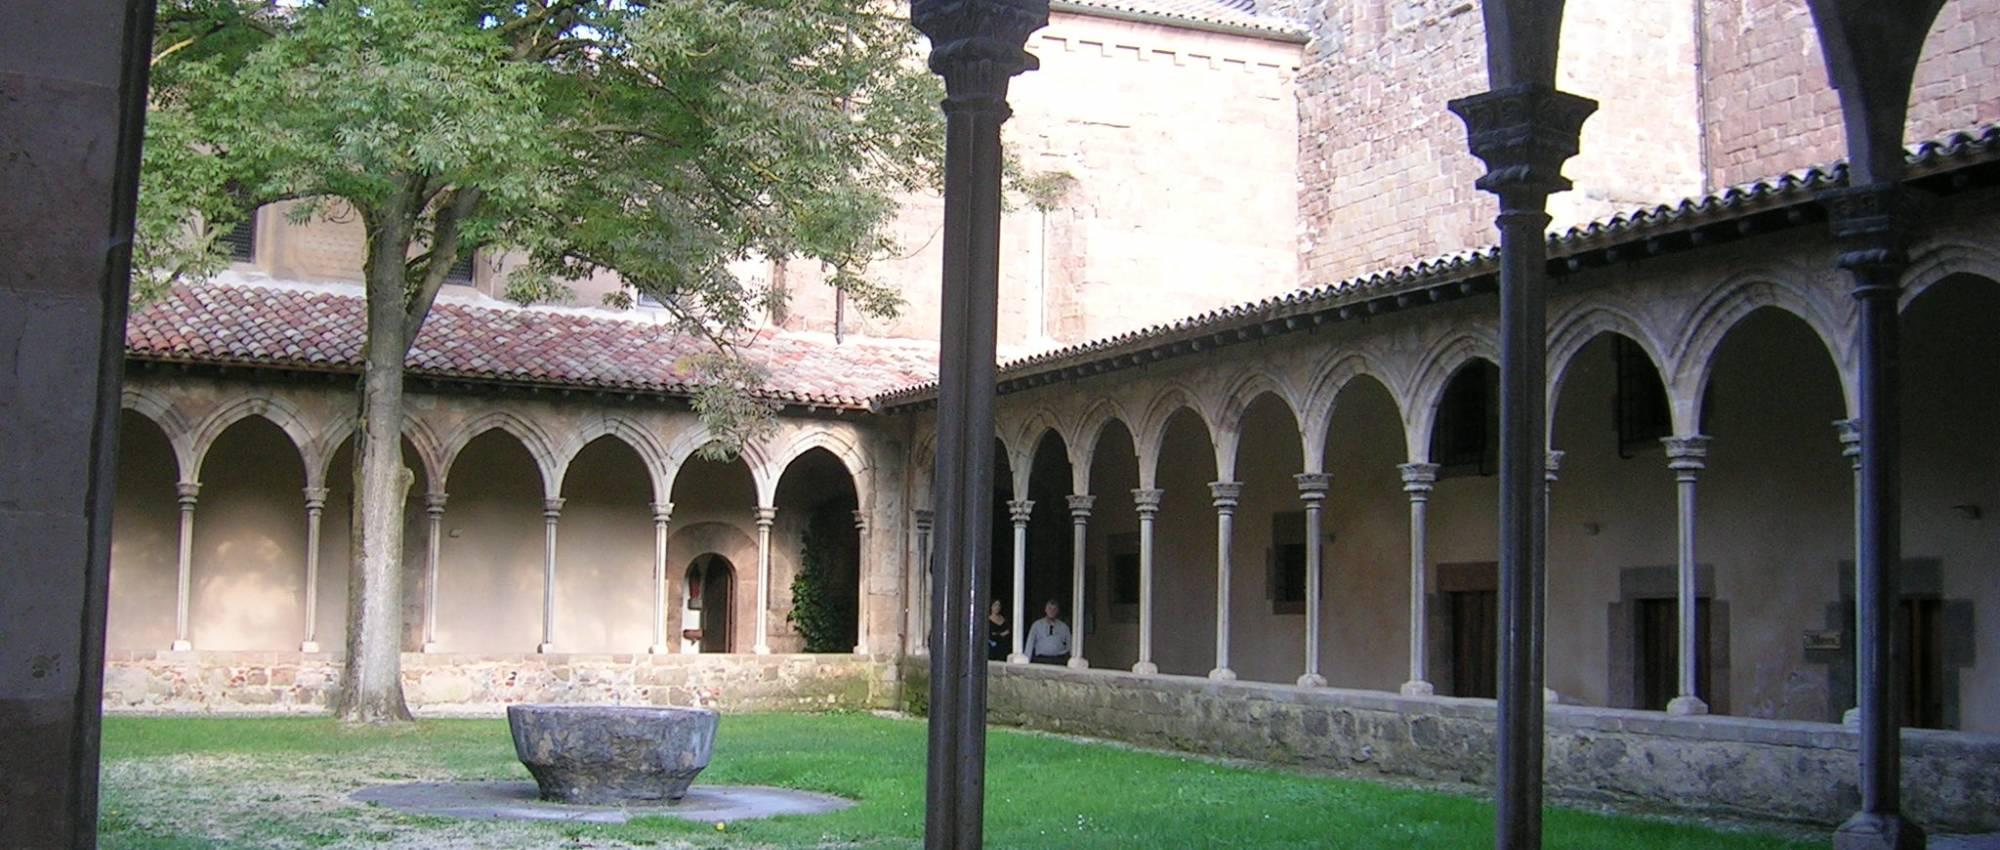 Claustre del monestir de Sant Joan de les Abadesses. Xtv / Wikimedia Commons. Domini Púbic